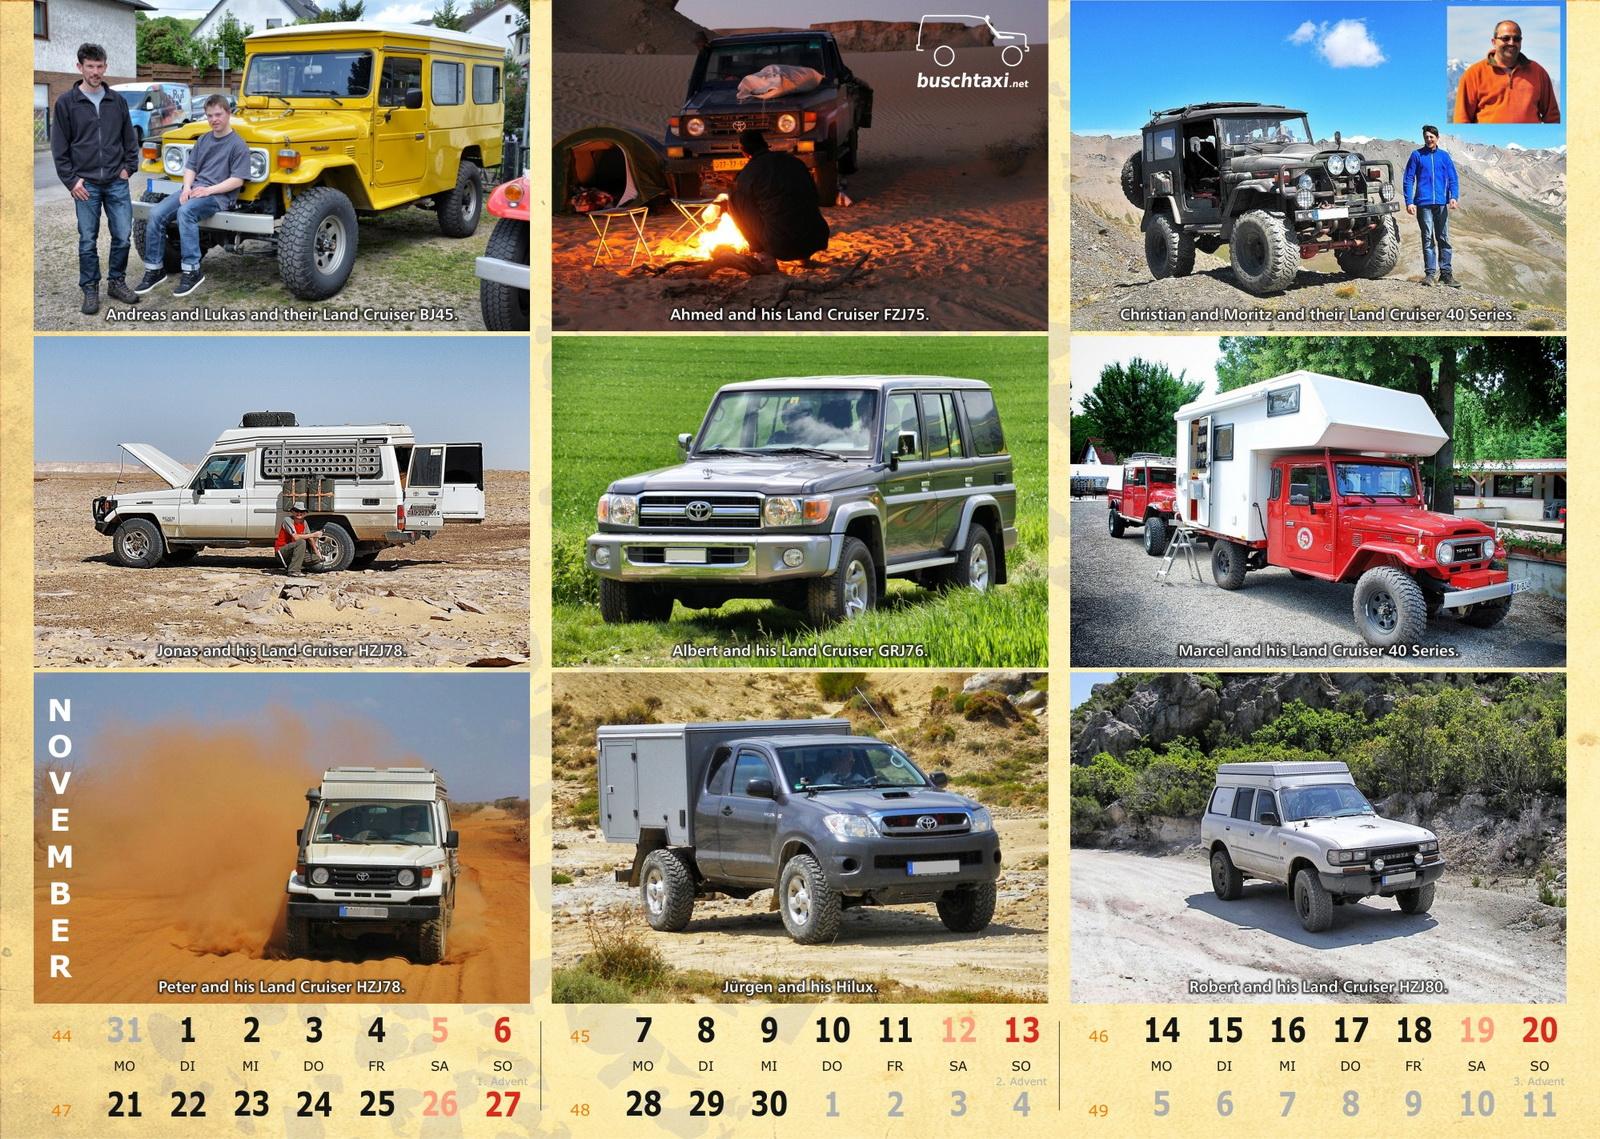 Buschtaxi-Kalender 2016-11